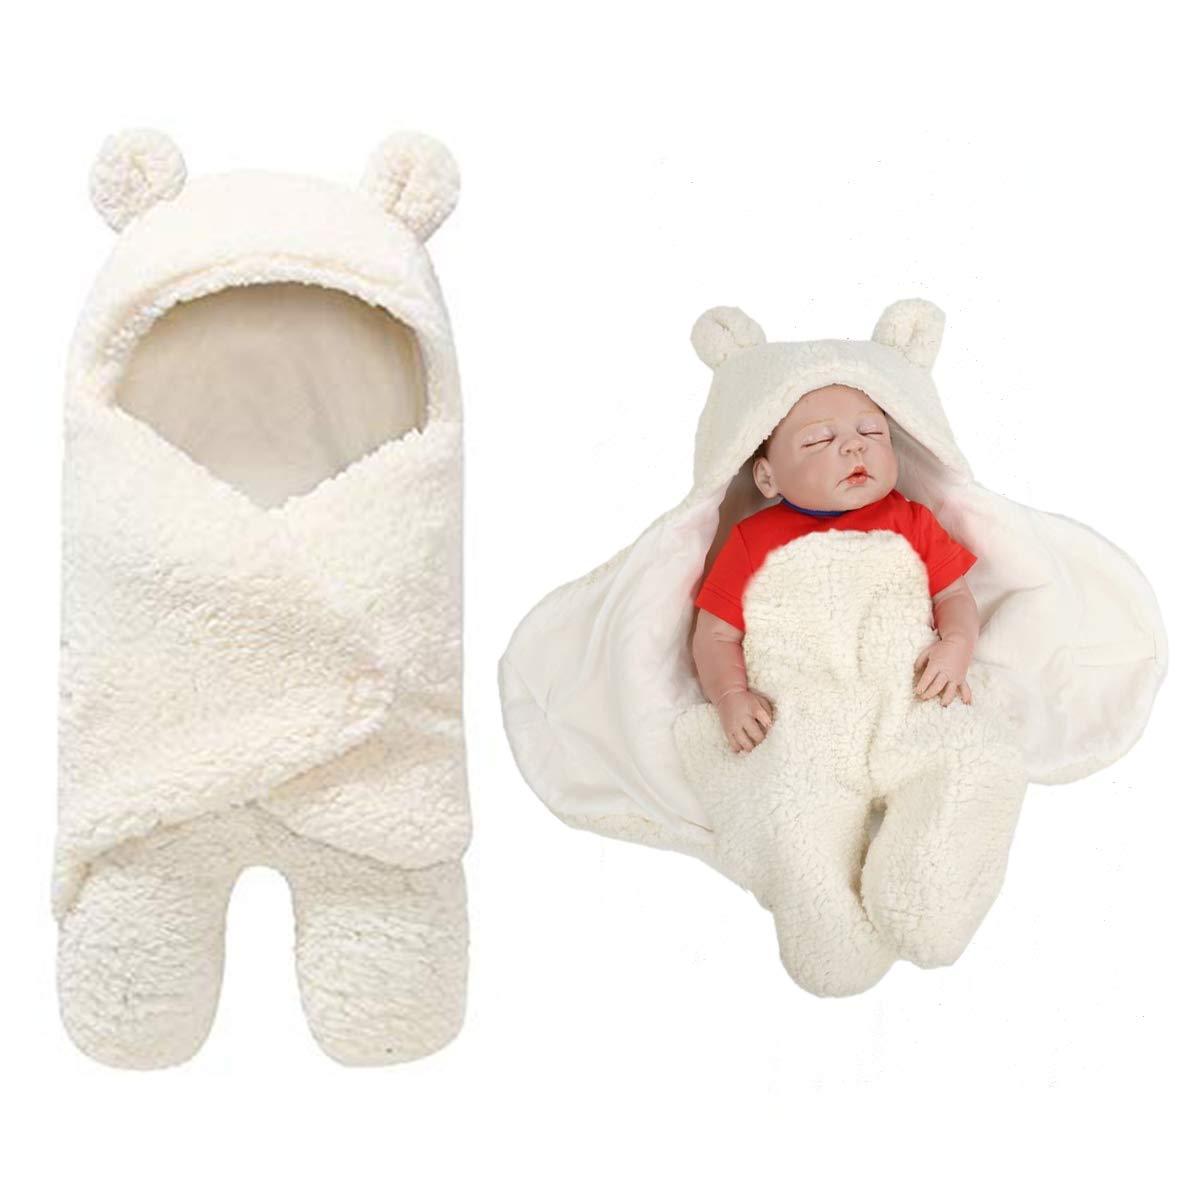 BB Hapeayou Couvertures pour nouveau-né s mignons pour bé bé s, bé bé s, garç ons et filles (blanc laiteux) bébés garçons et filles (blanc laiteux)